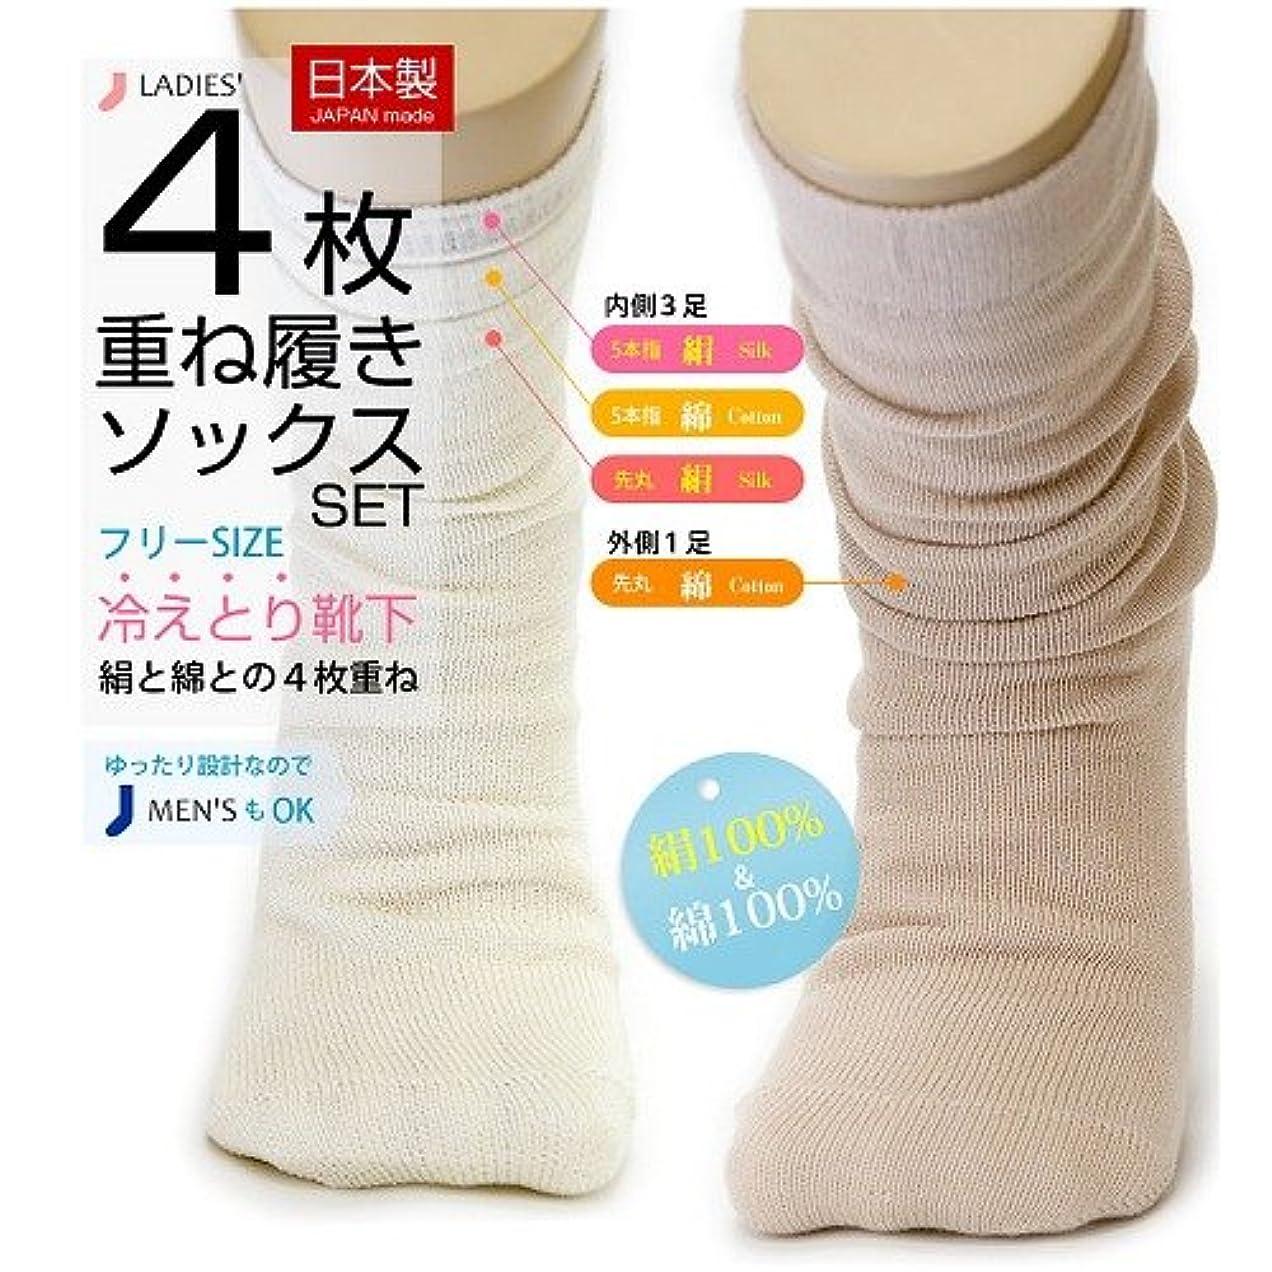 信念ピンポイント属性冷え取り靴下 綿100%とシルク100% 最高級の日本製 4枚重ねばきセット(外側ライトグレー)